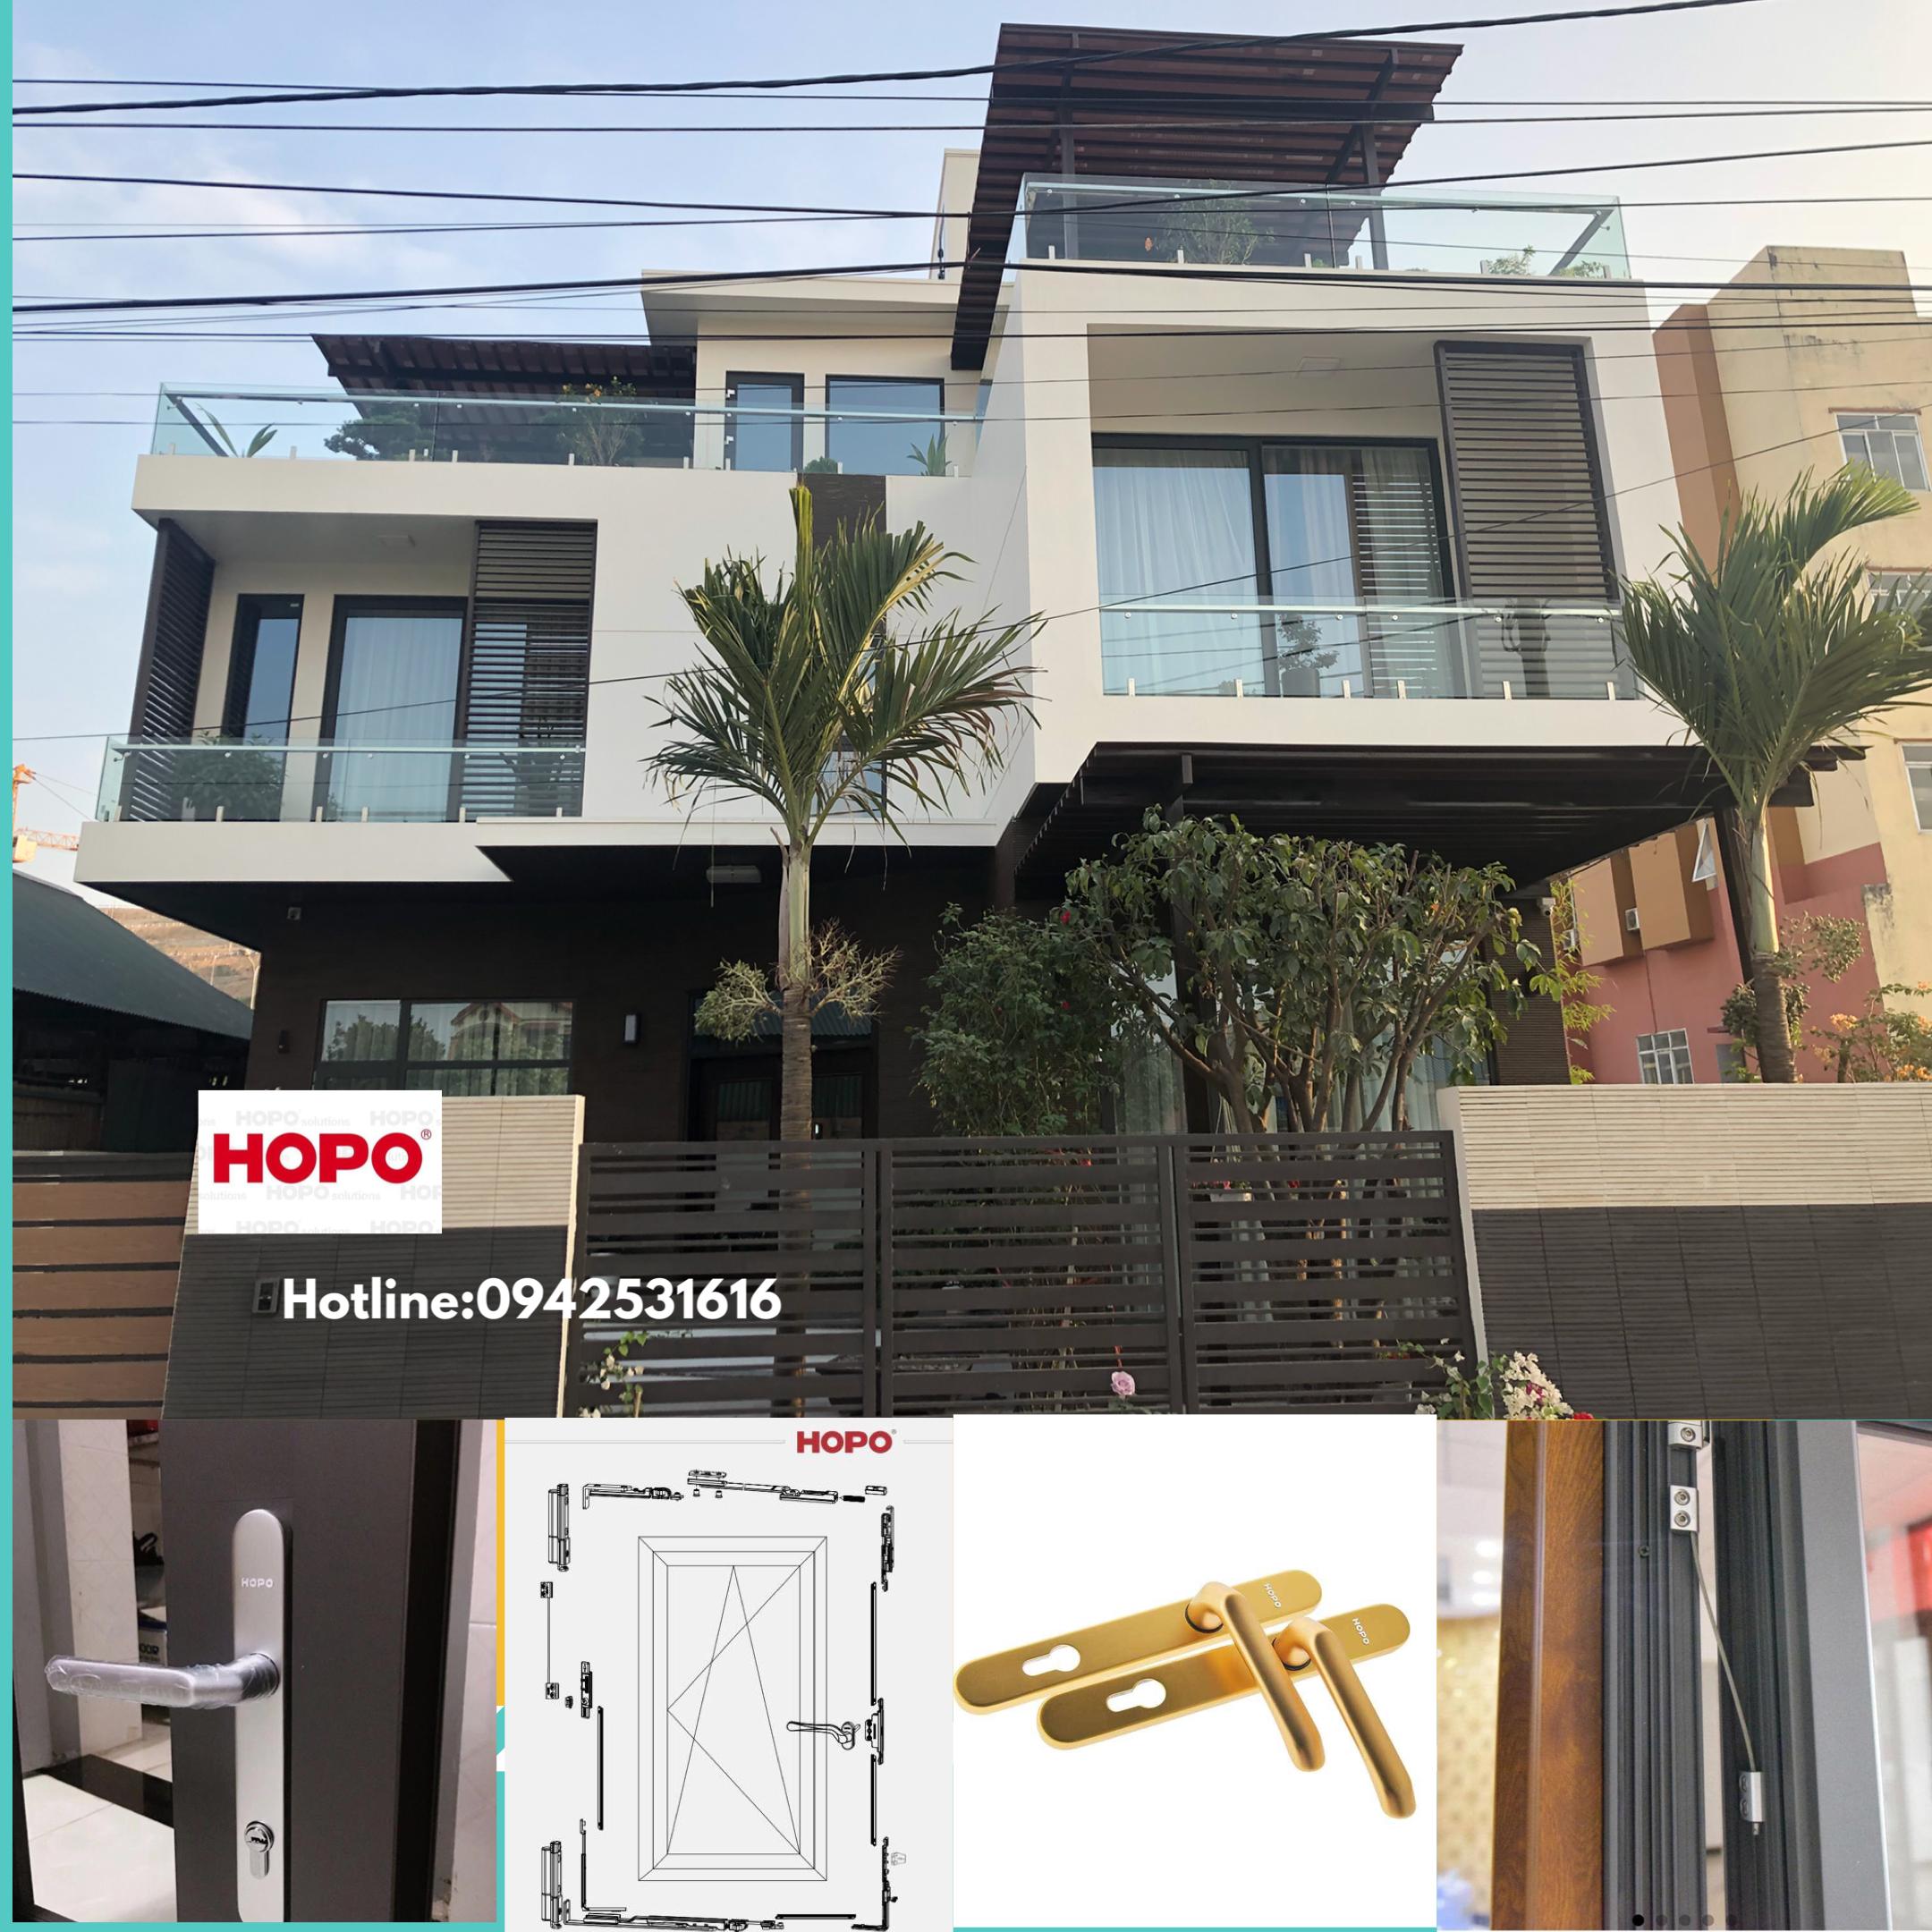 Công trình lắp đặt cửa nhôm HOPO tại Ao Cá, phường Giếng Đáy, Quảng Ninh